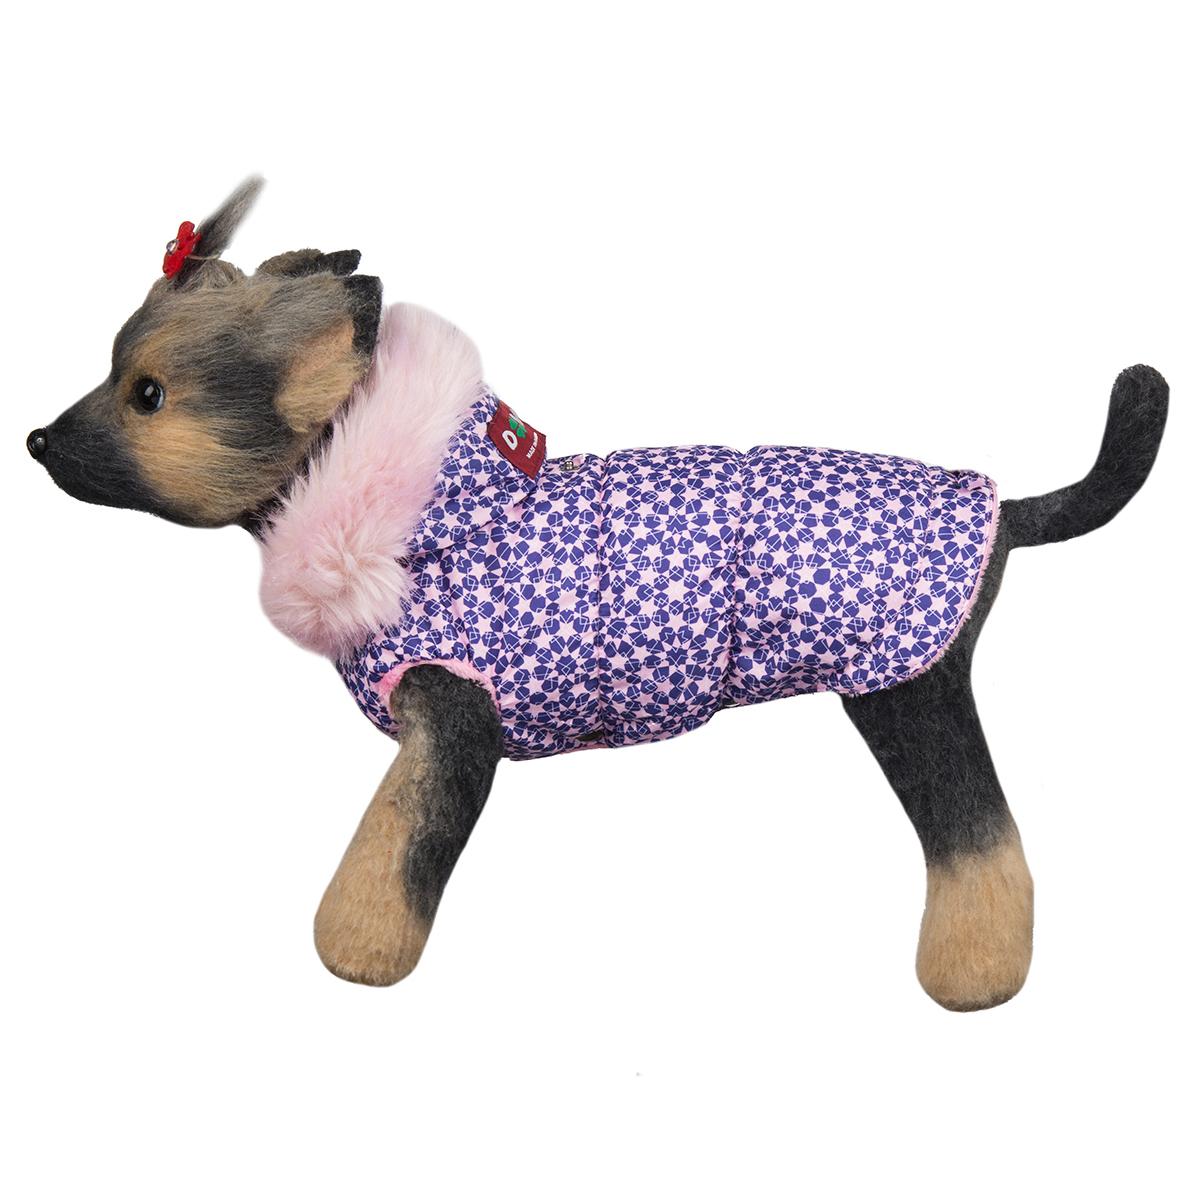 Куртка для собак Dogmoda Аляска, для девочки. Размер 1 (S) комбинезон для собак dogmoda doggs зимний для девочки цвет оранжевый размер xxxl